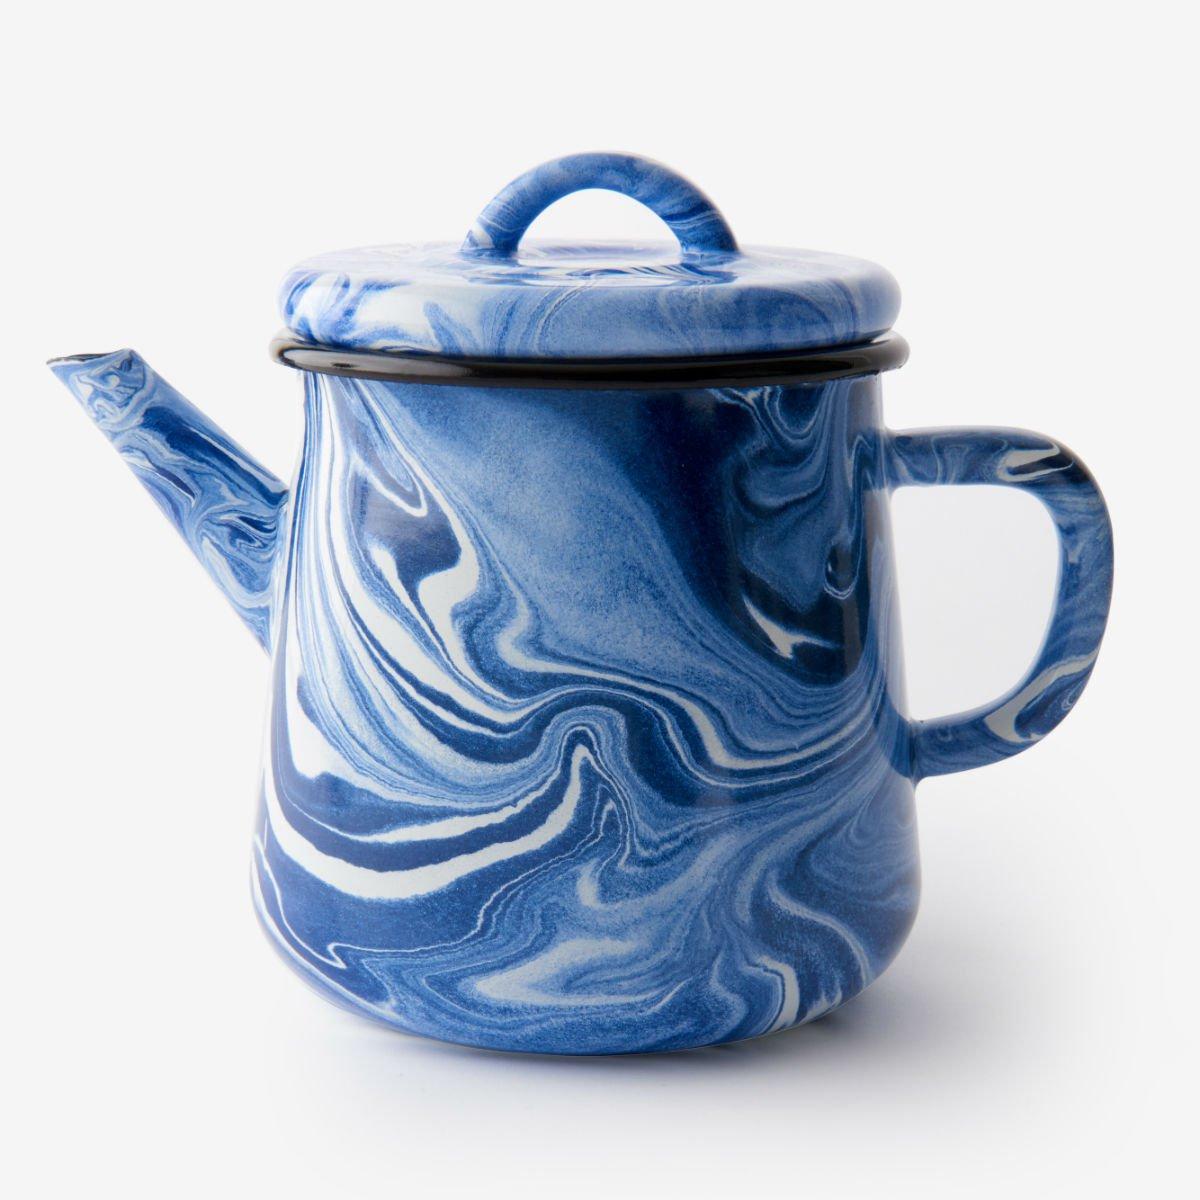 Modrá smaltovaná čajová konvice